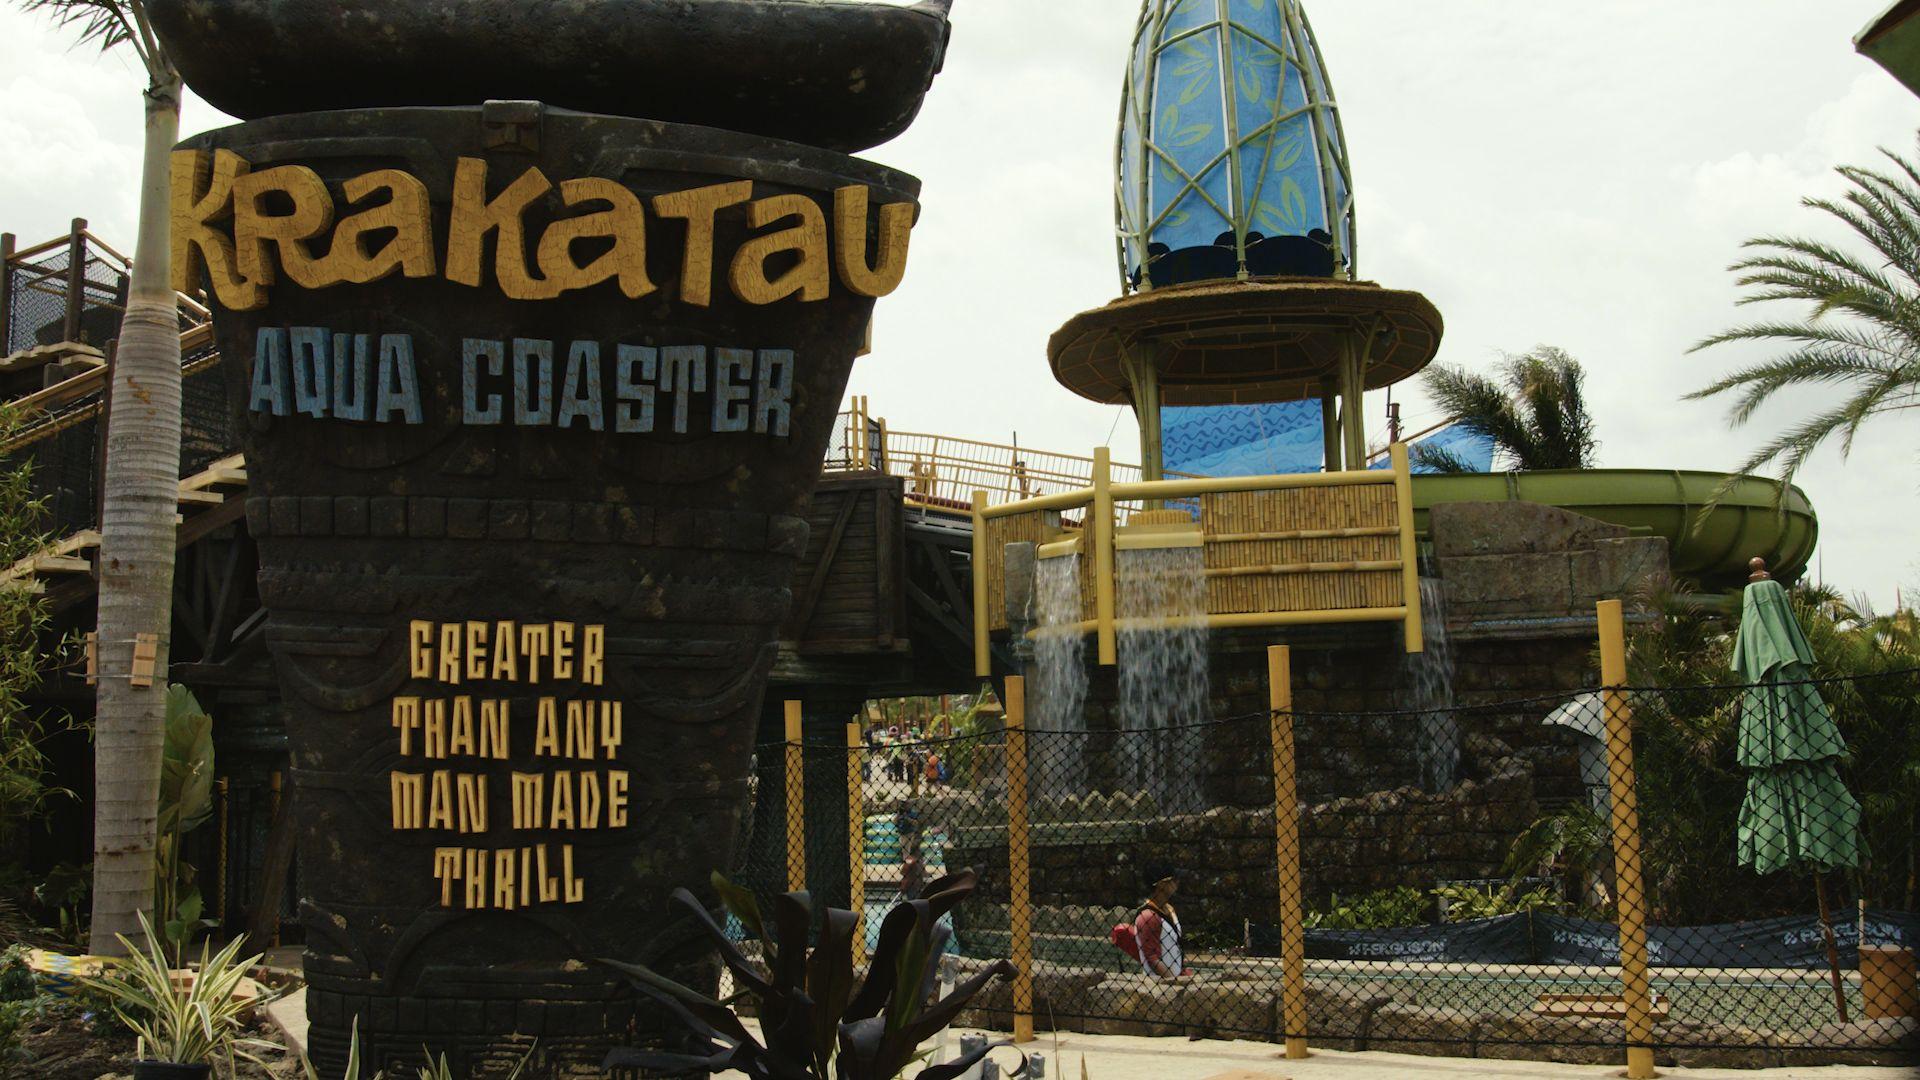 Krakatau Queue